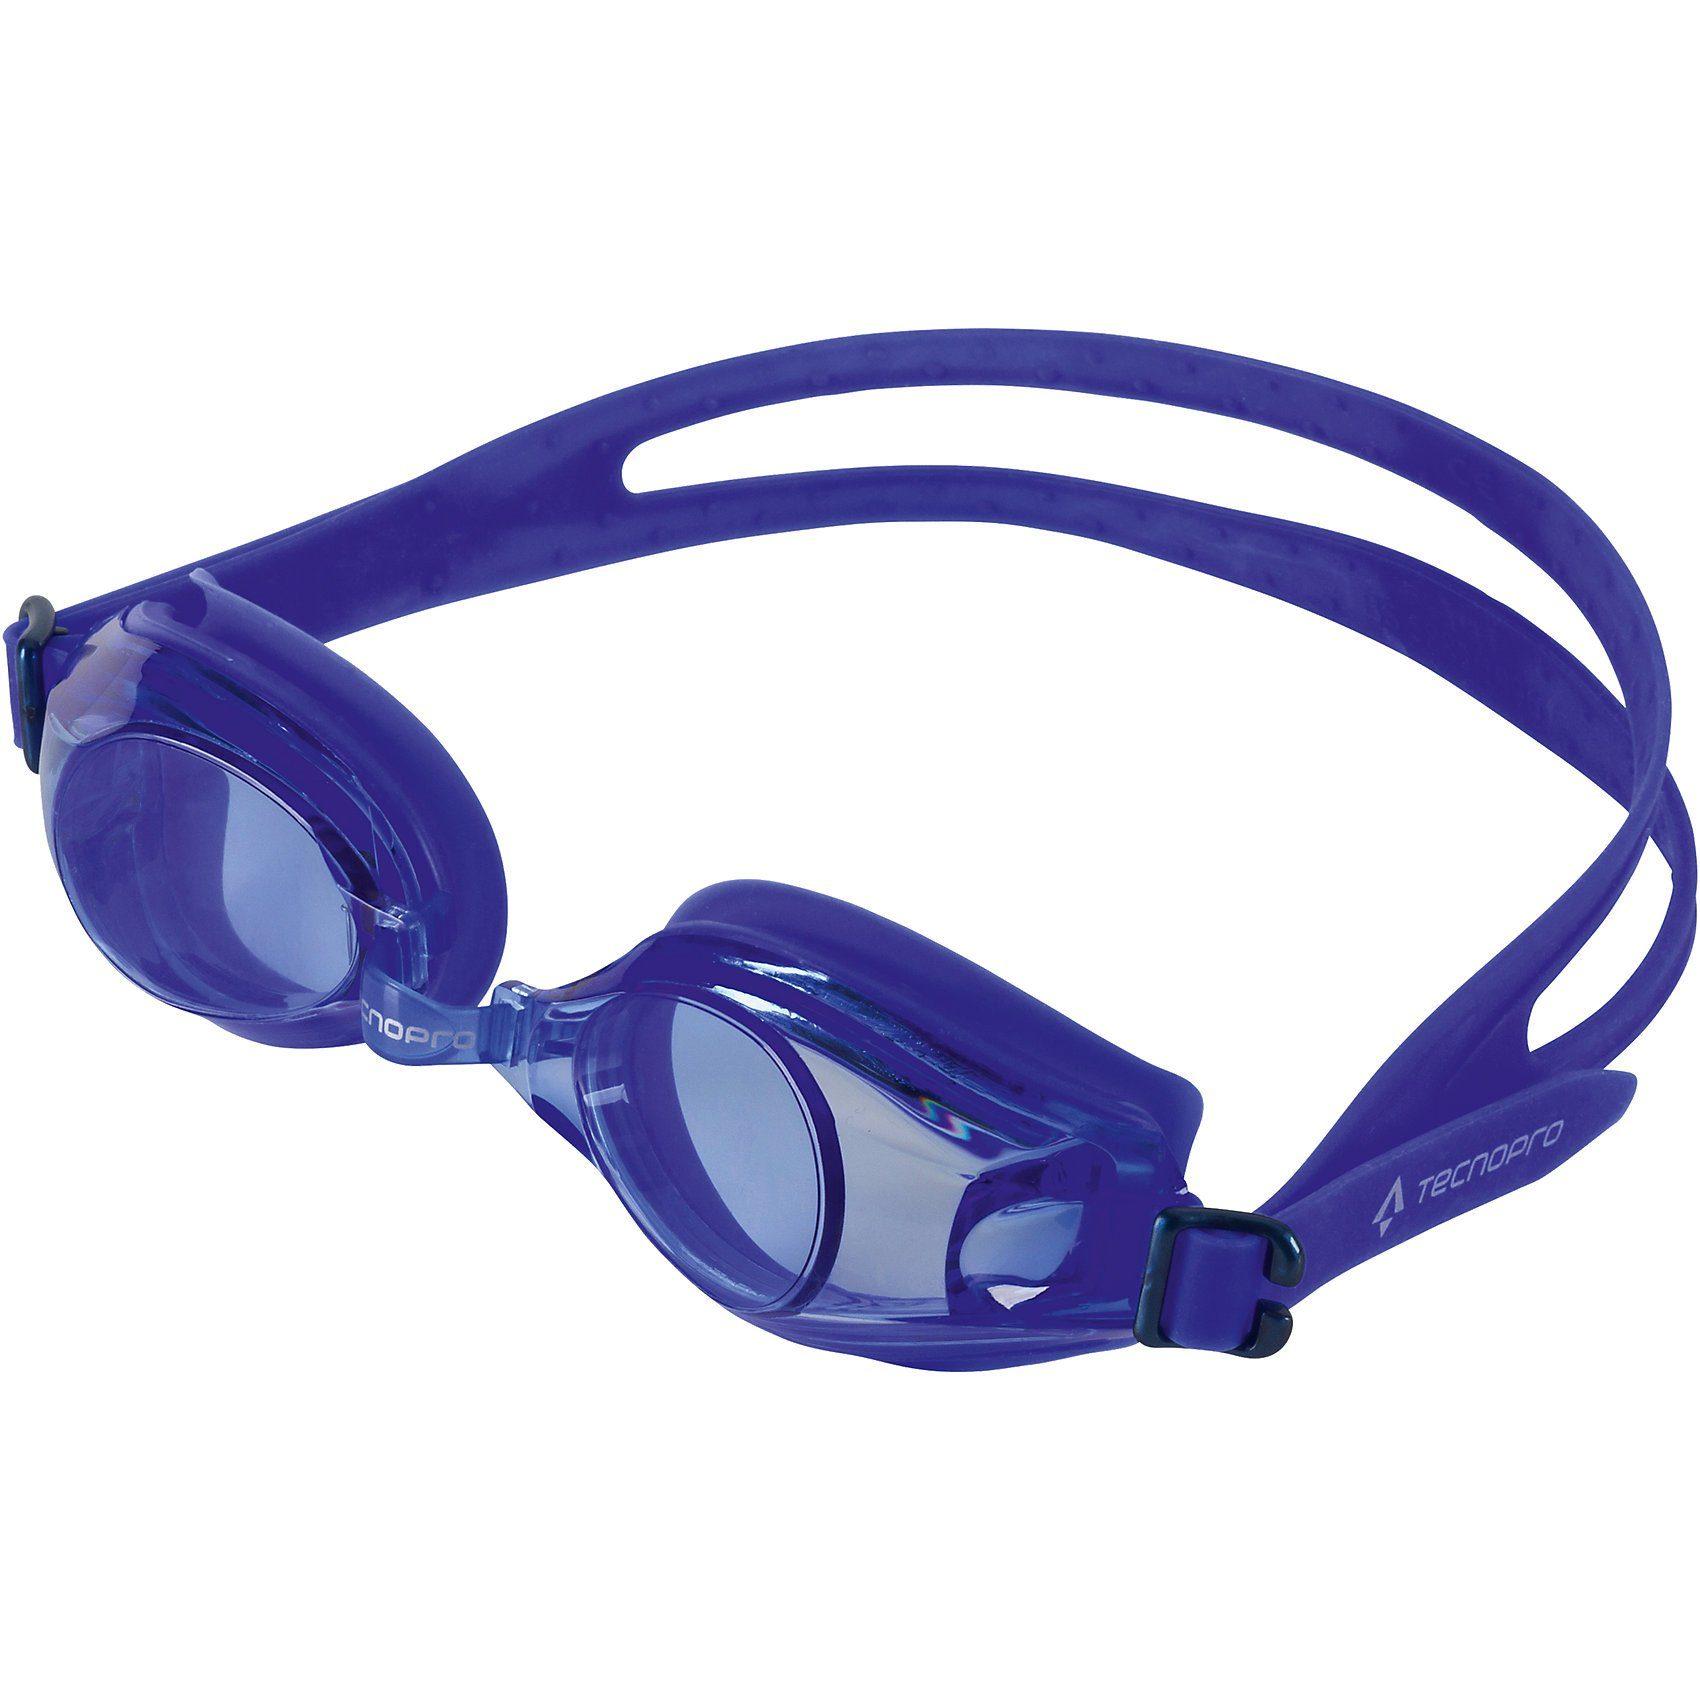 Tecnopro Schwimmbrille Tempo Pro, blau